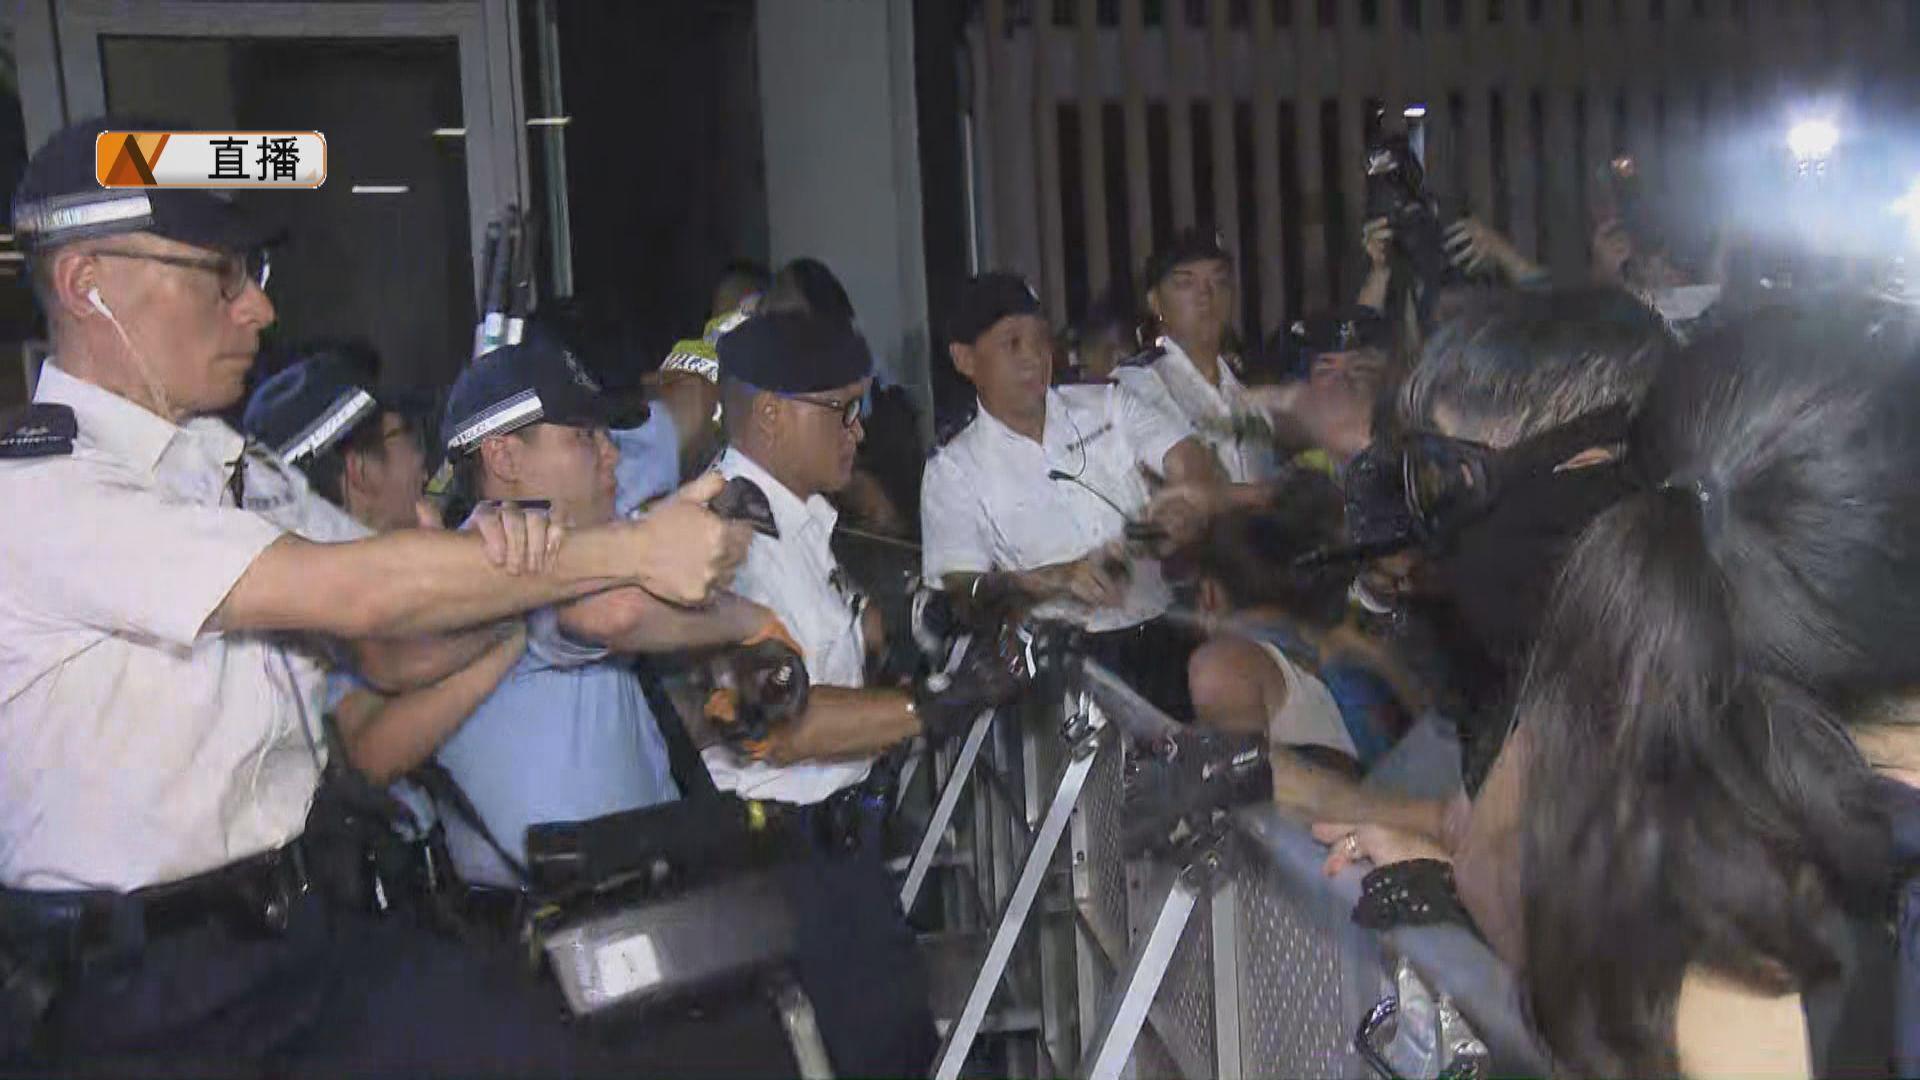 【最新】示威者衝擊立法會示威區 警方施放胡椒噴霧